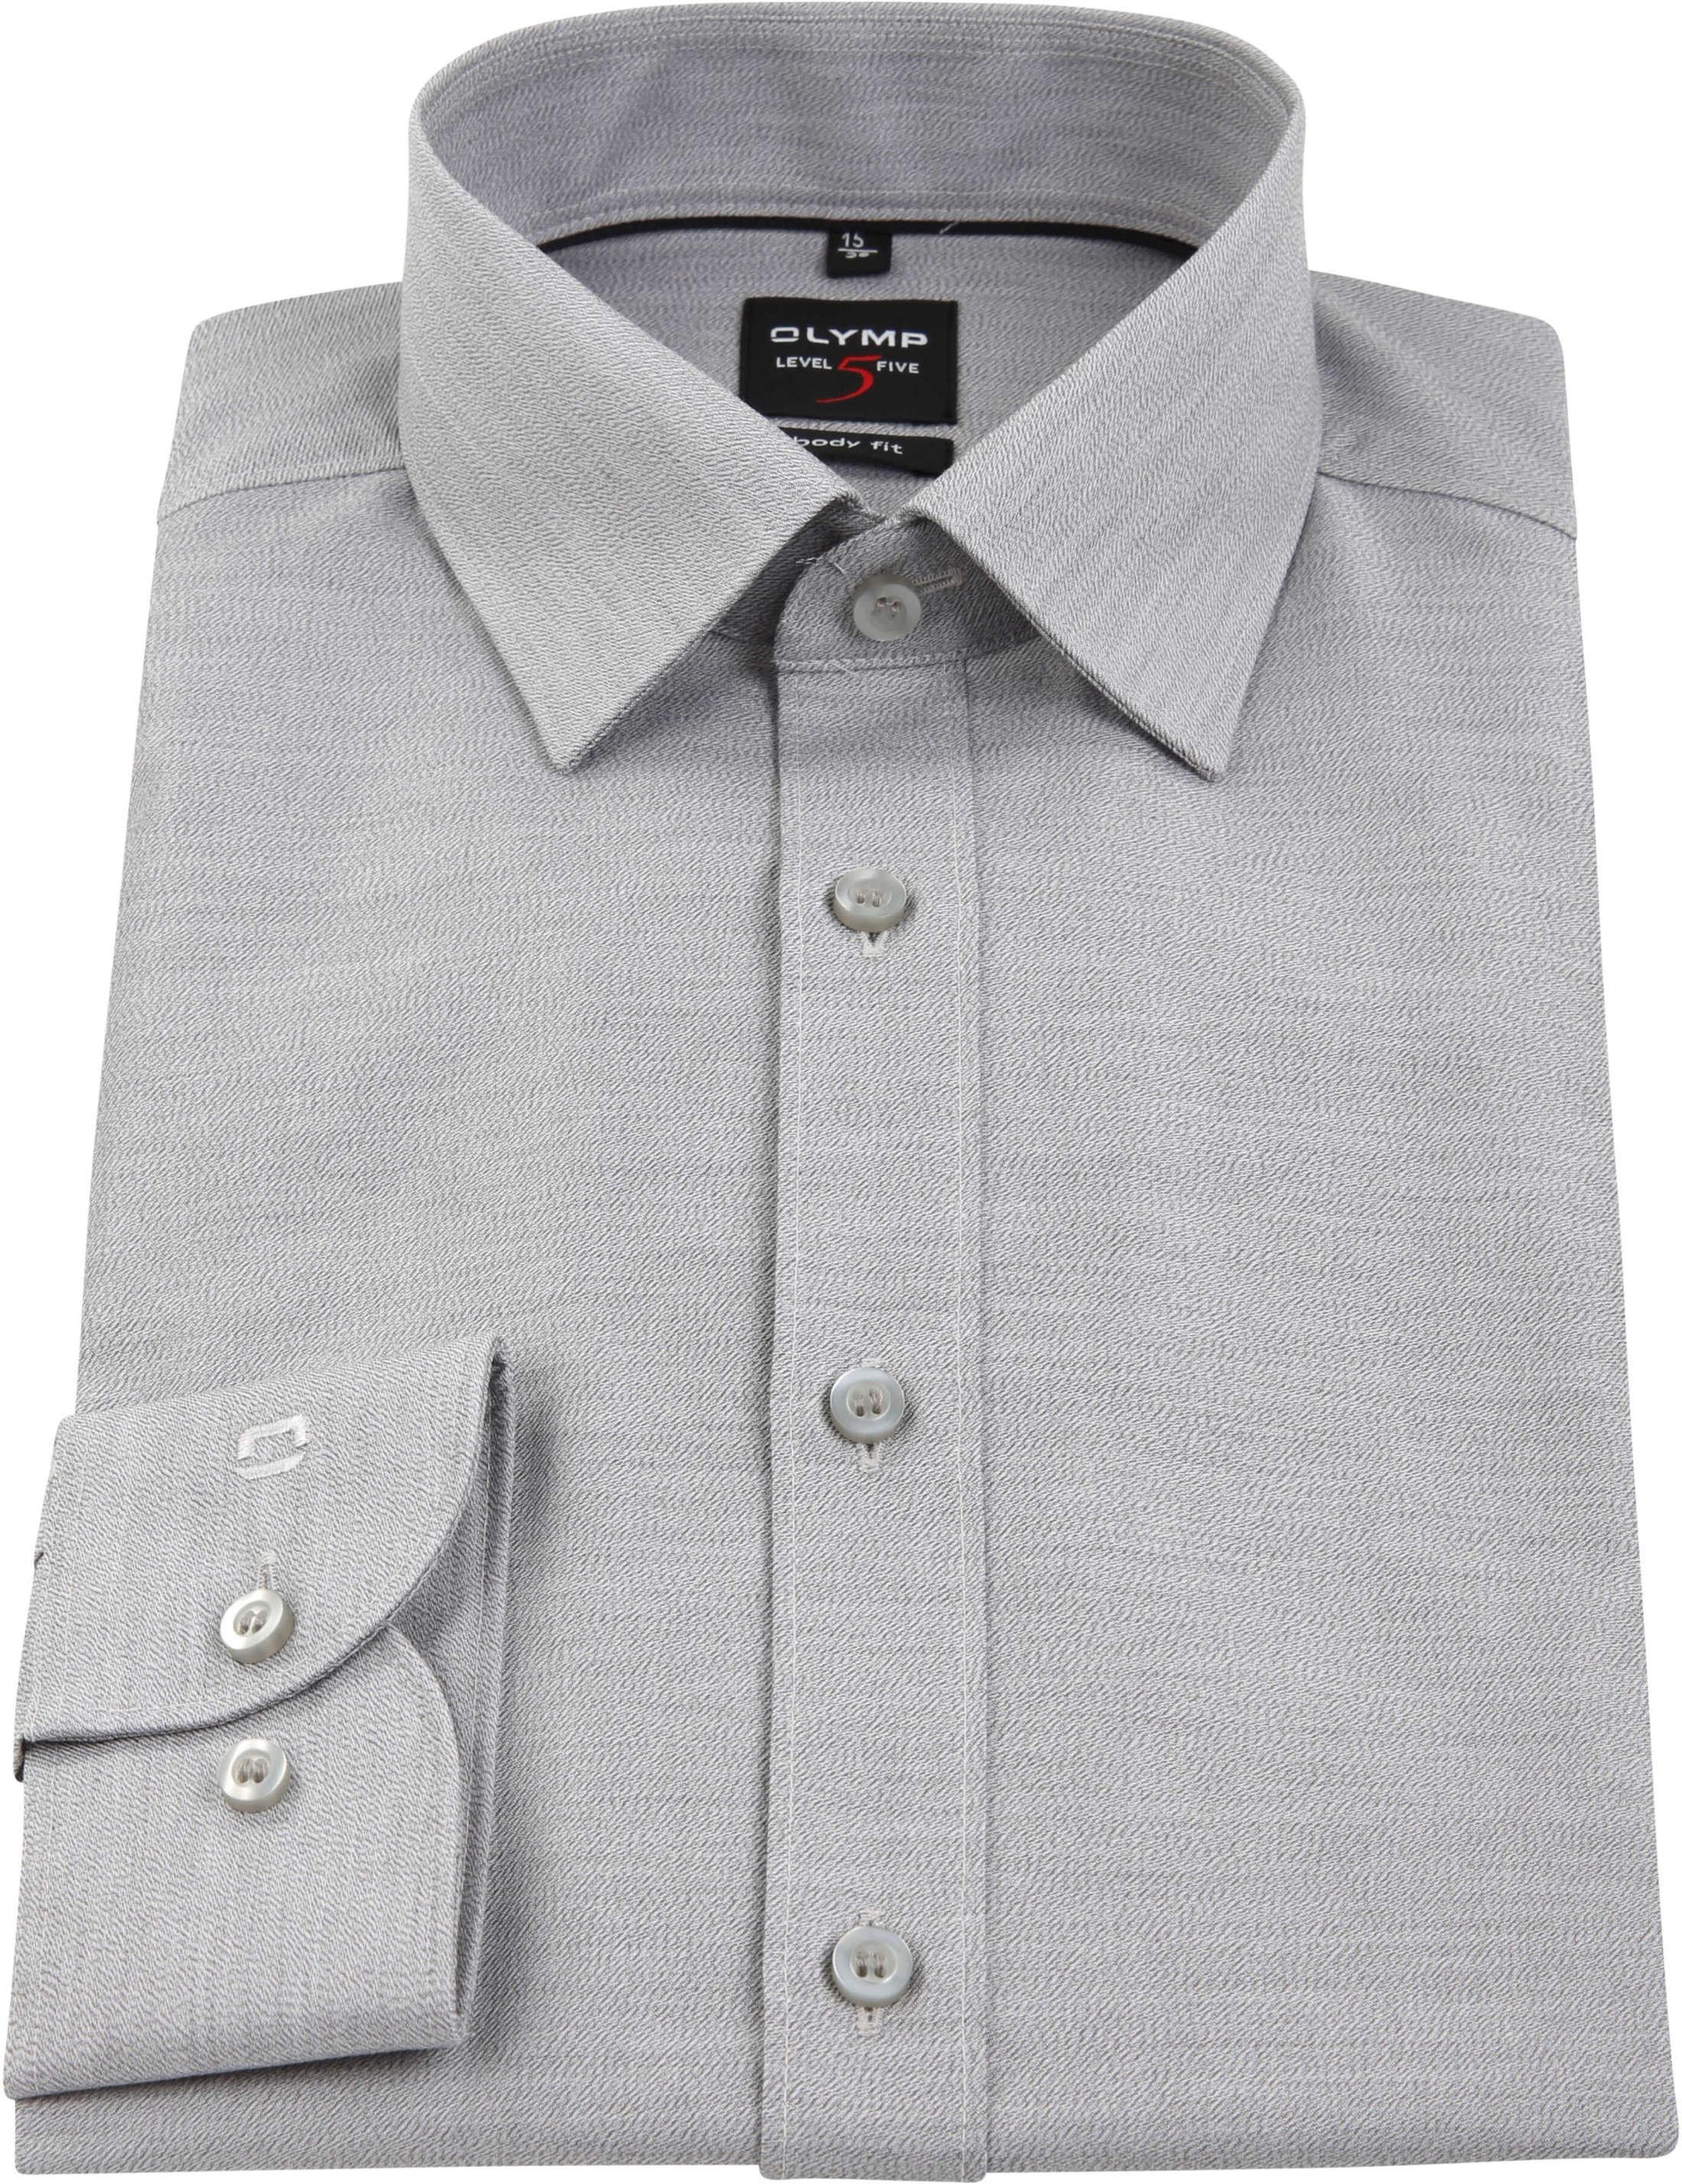 OLYMP Overhemd Level 5 Body-Fit Grijs foto 3